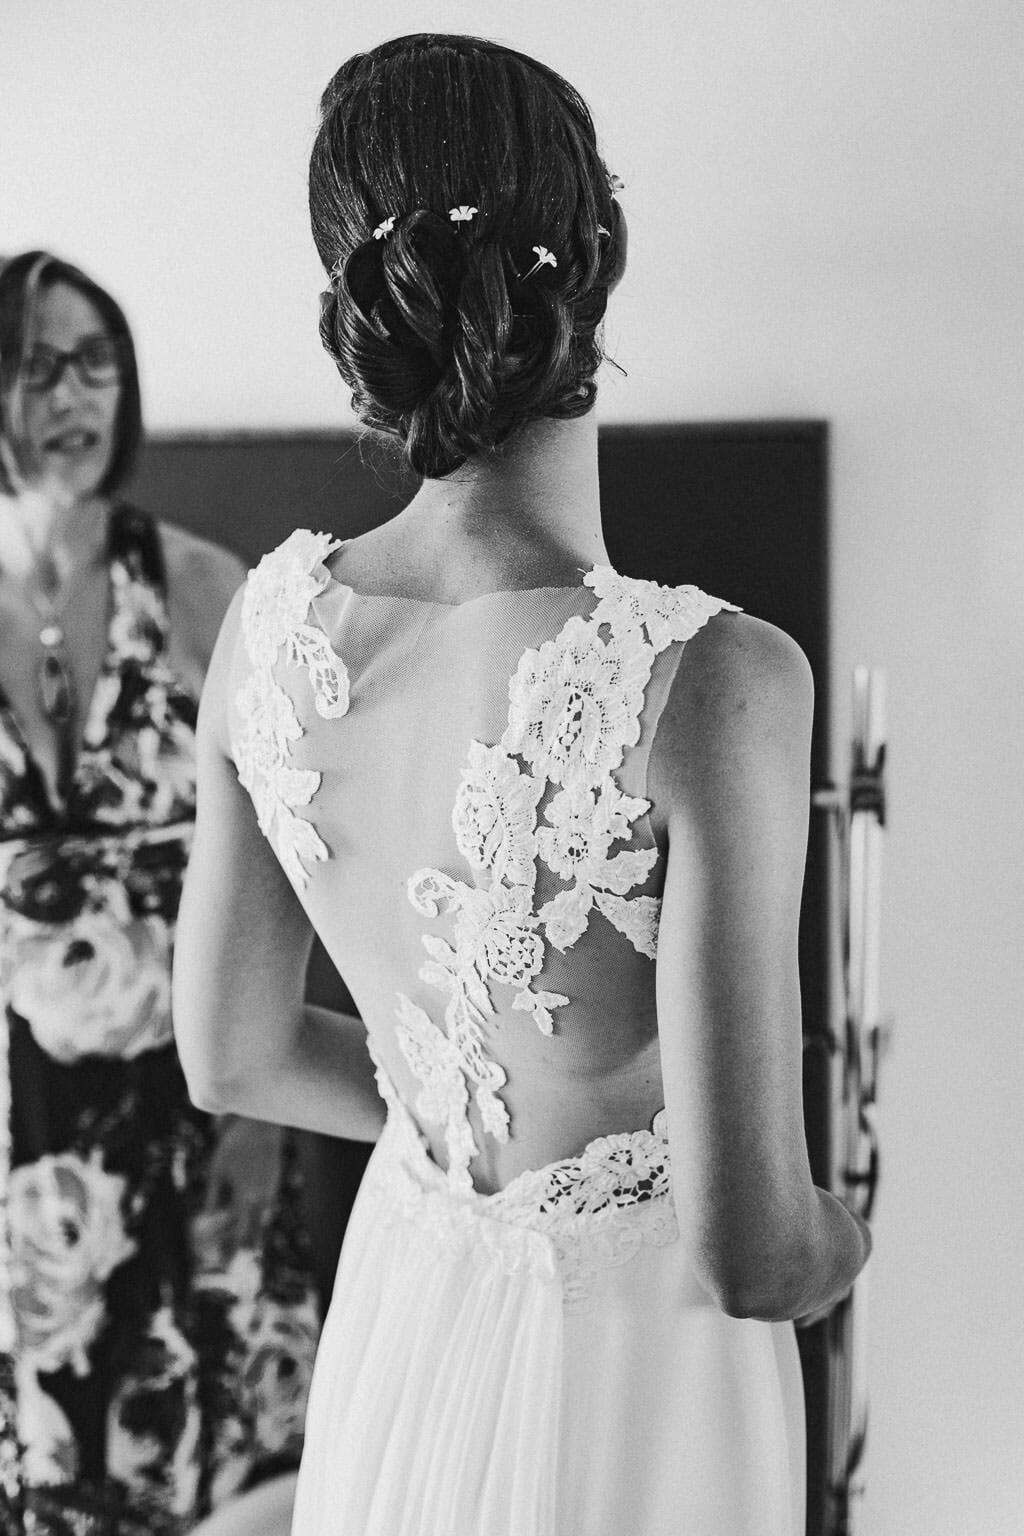 matera-italia-destination-wedding-fotografo-masseria-bonelli-puglia-pietro-moliterni-21